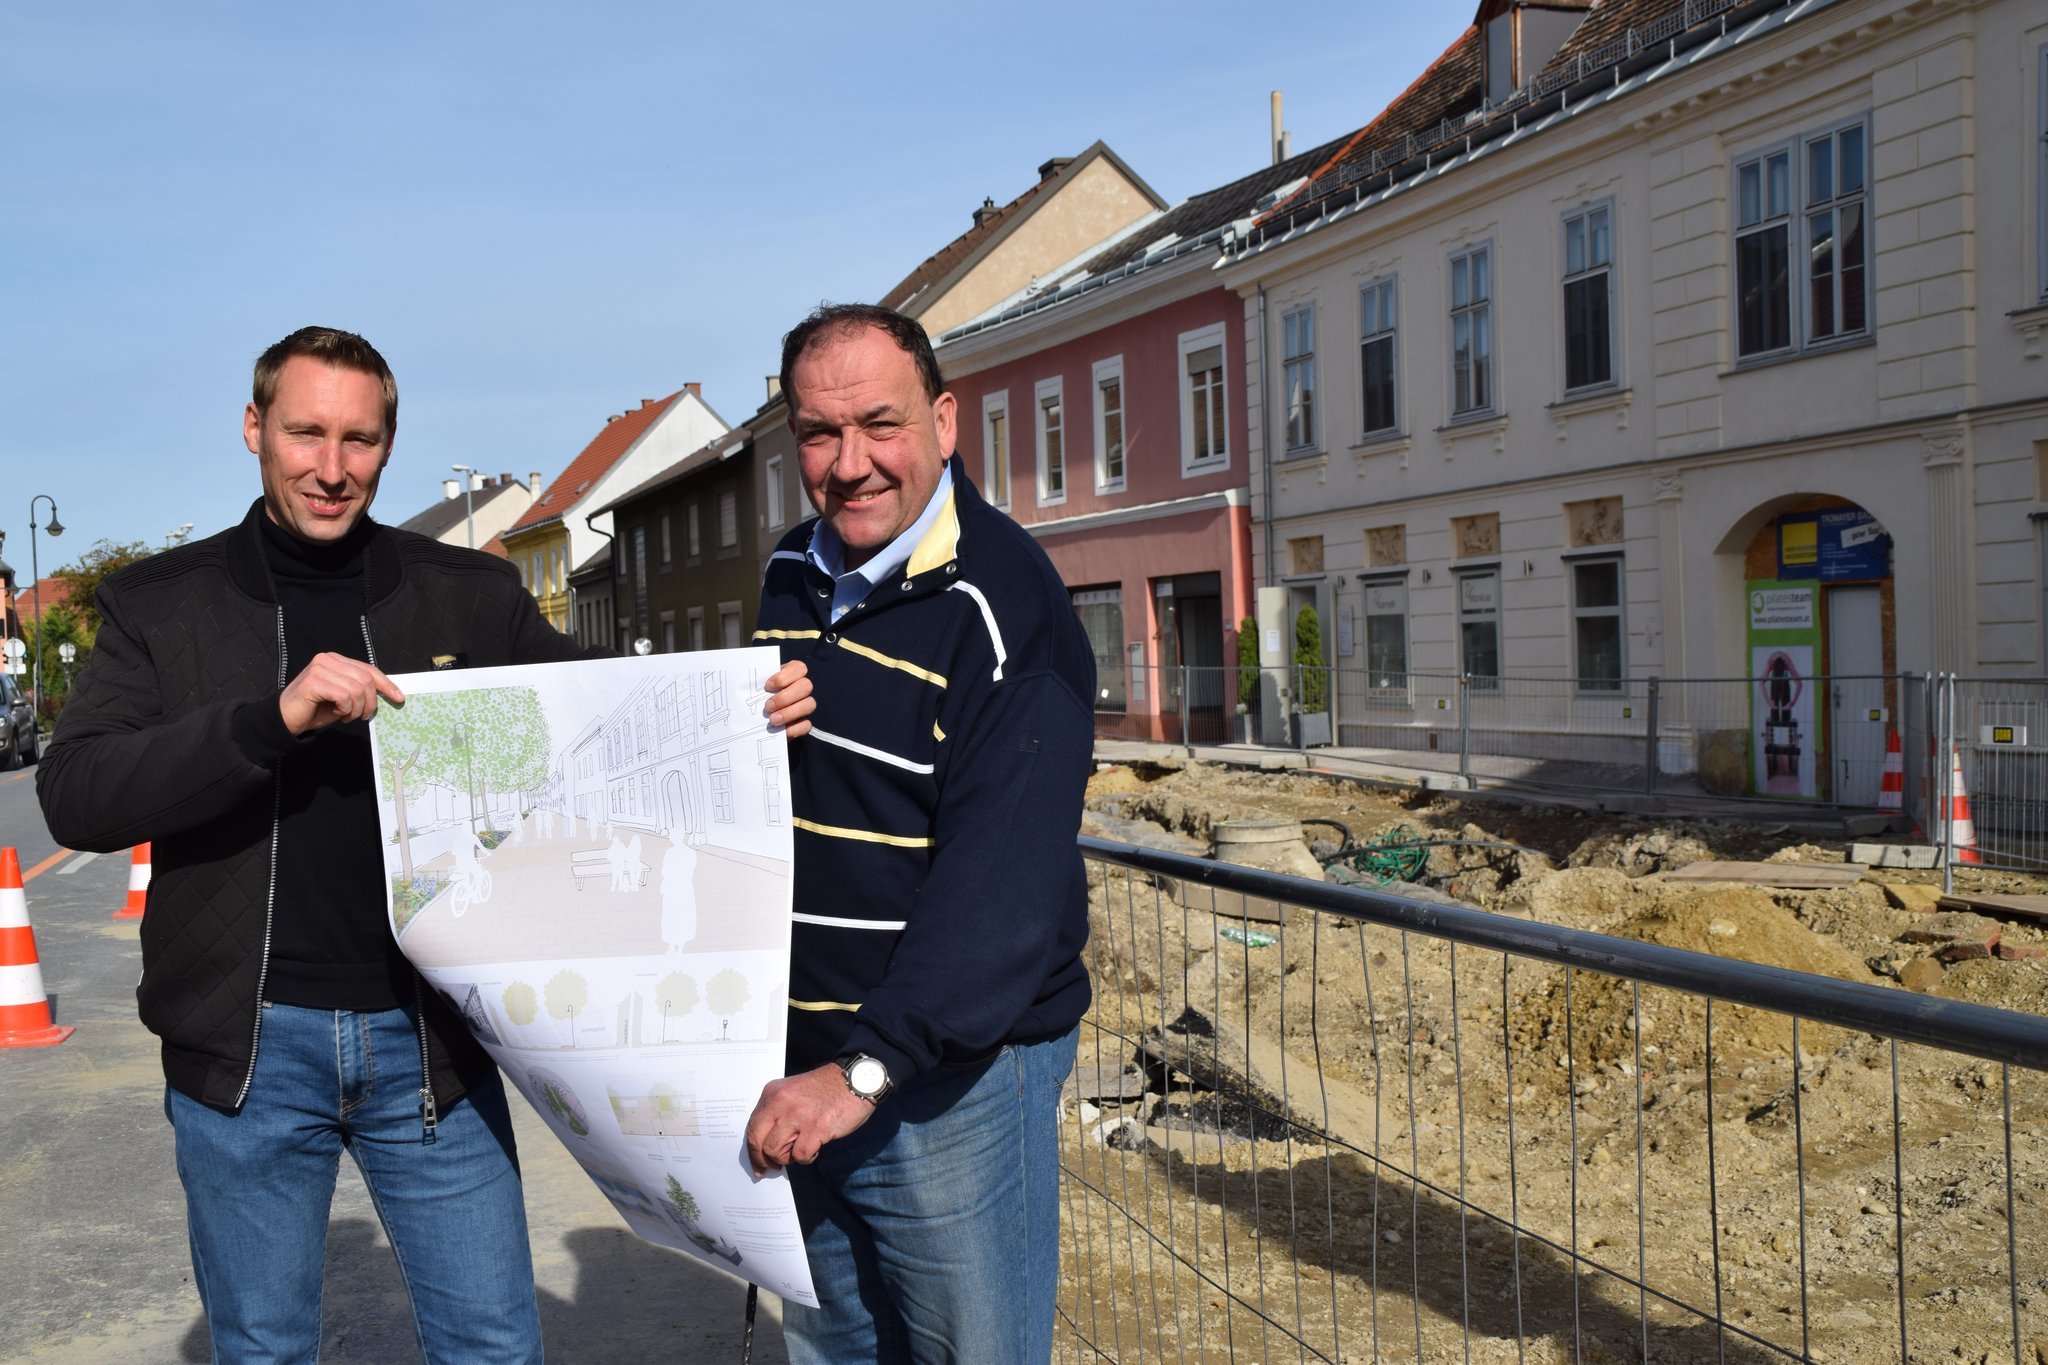 Gem2Go - Langenzersdorf - RiS-Kommunal - Startseite